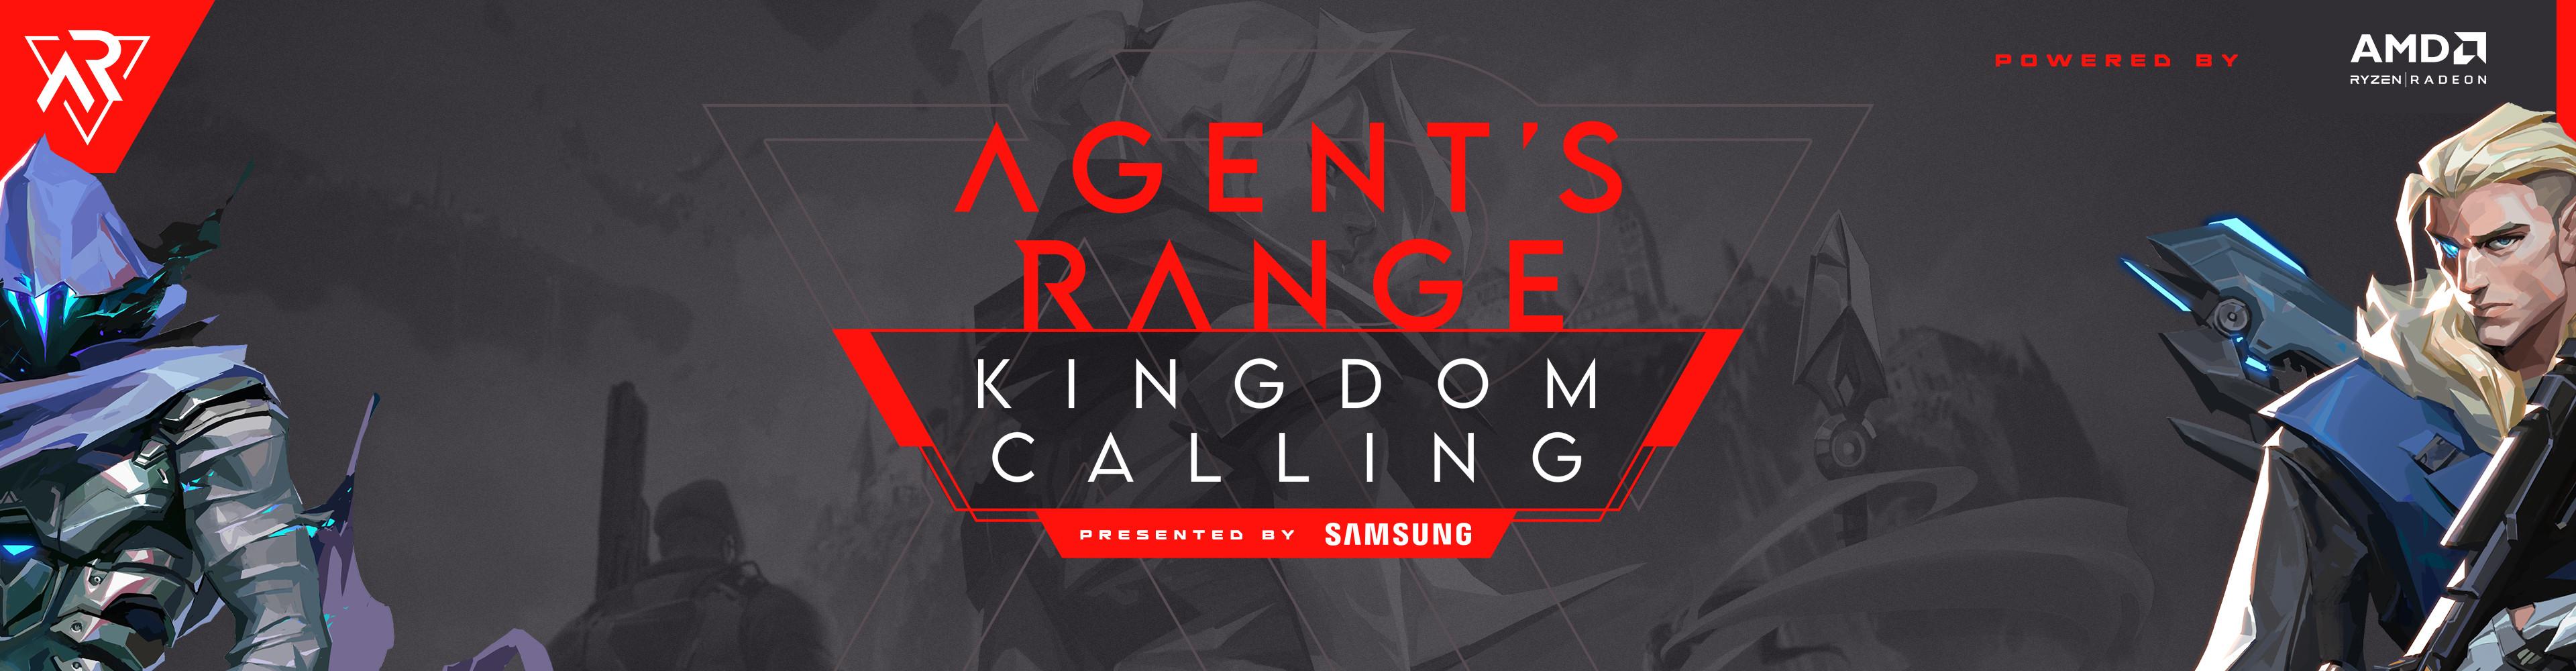 EXiLe eSports schnappt sich Kingdom Calling